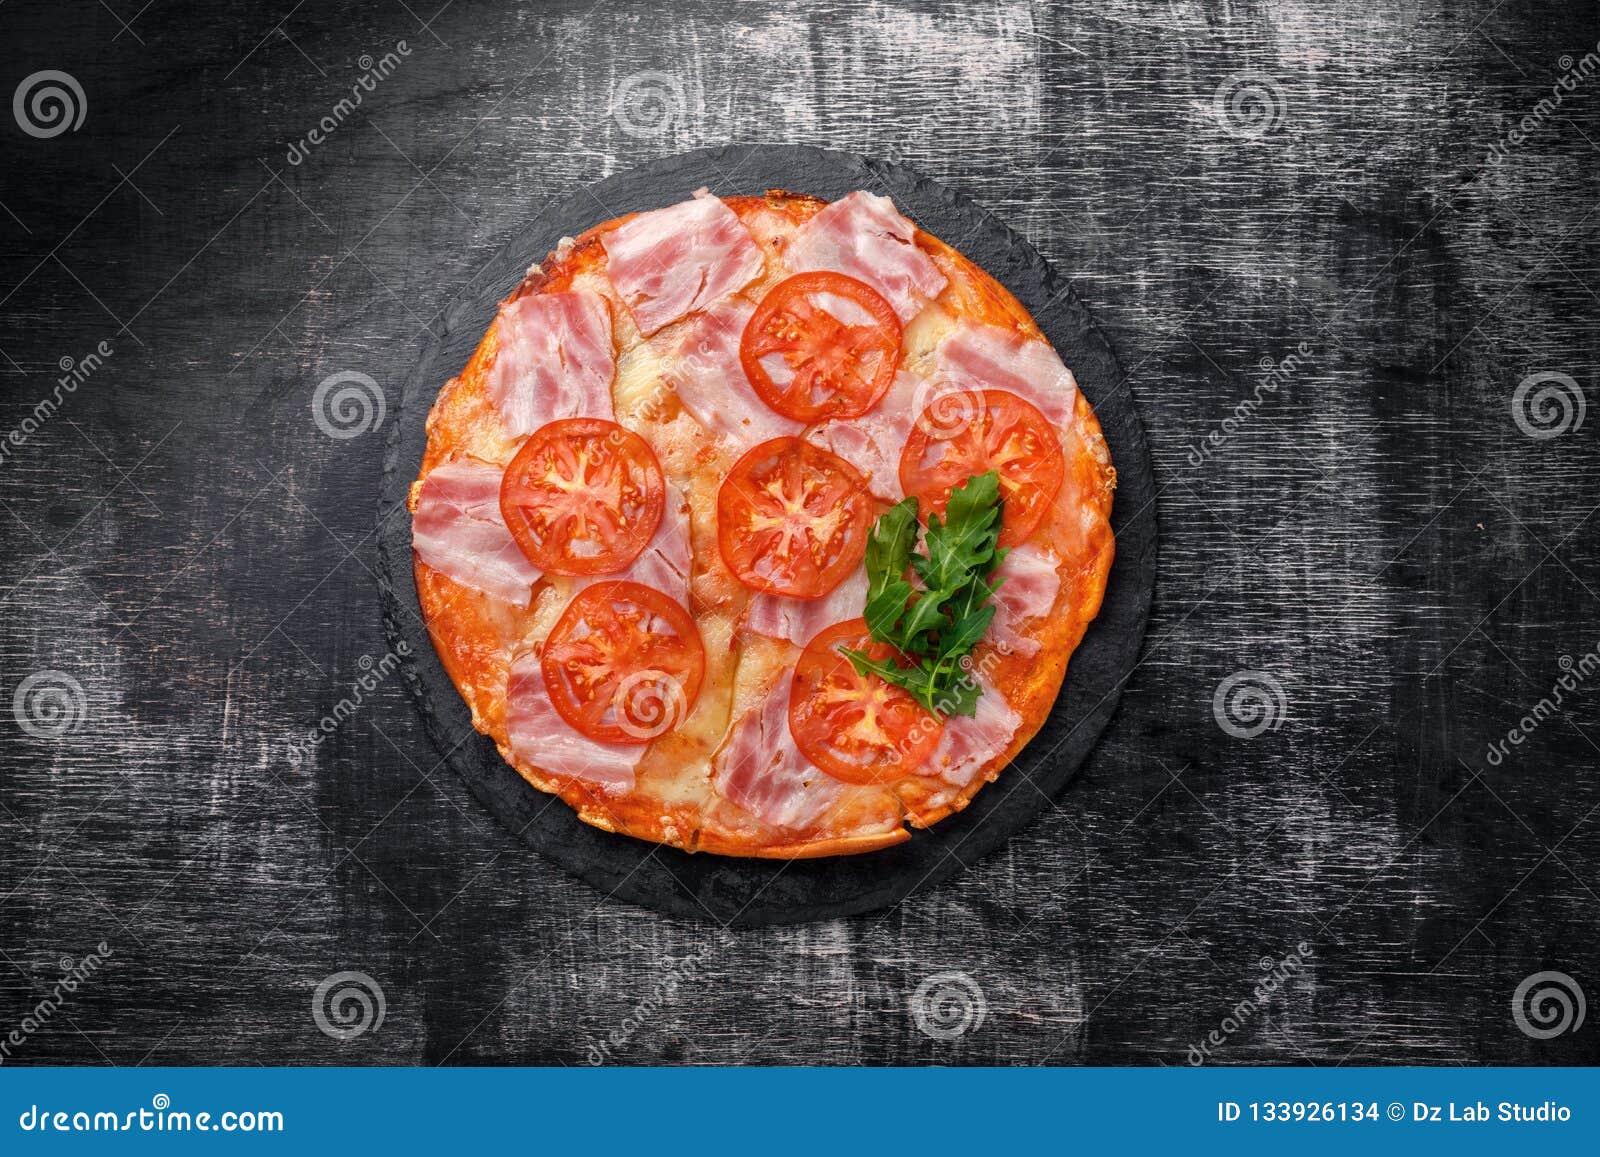 Traditionelle italienische Pizza mit Mozzarellakäse, Schinken, Tomaten